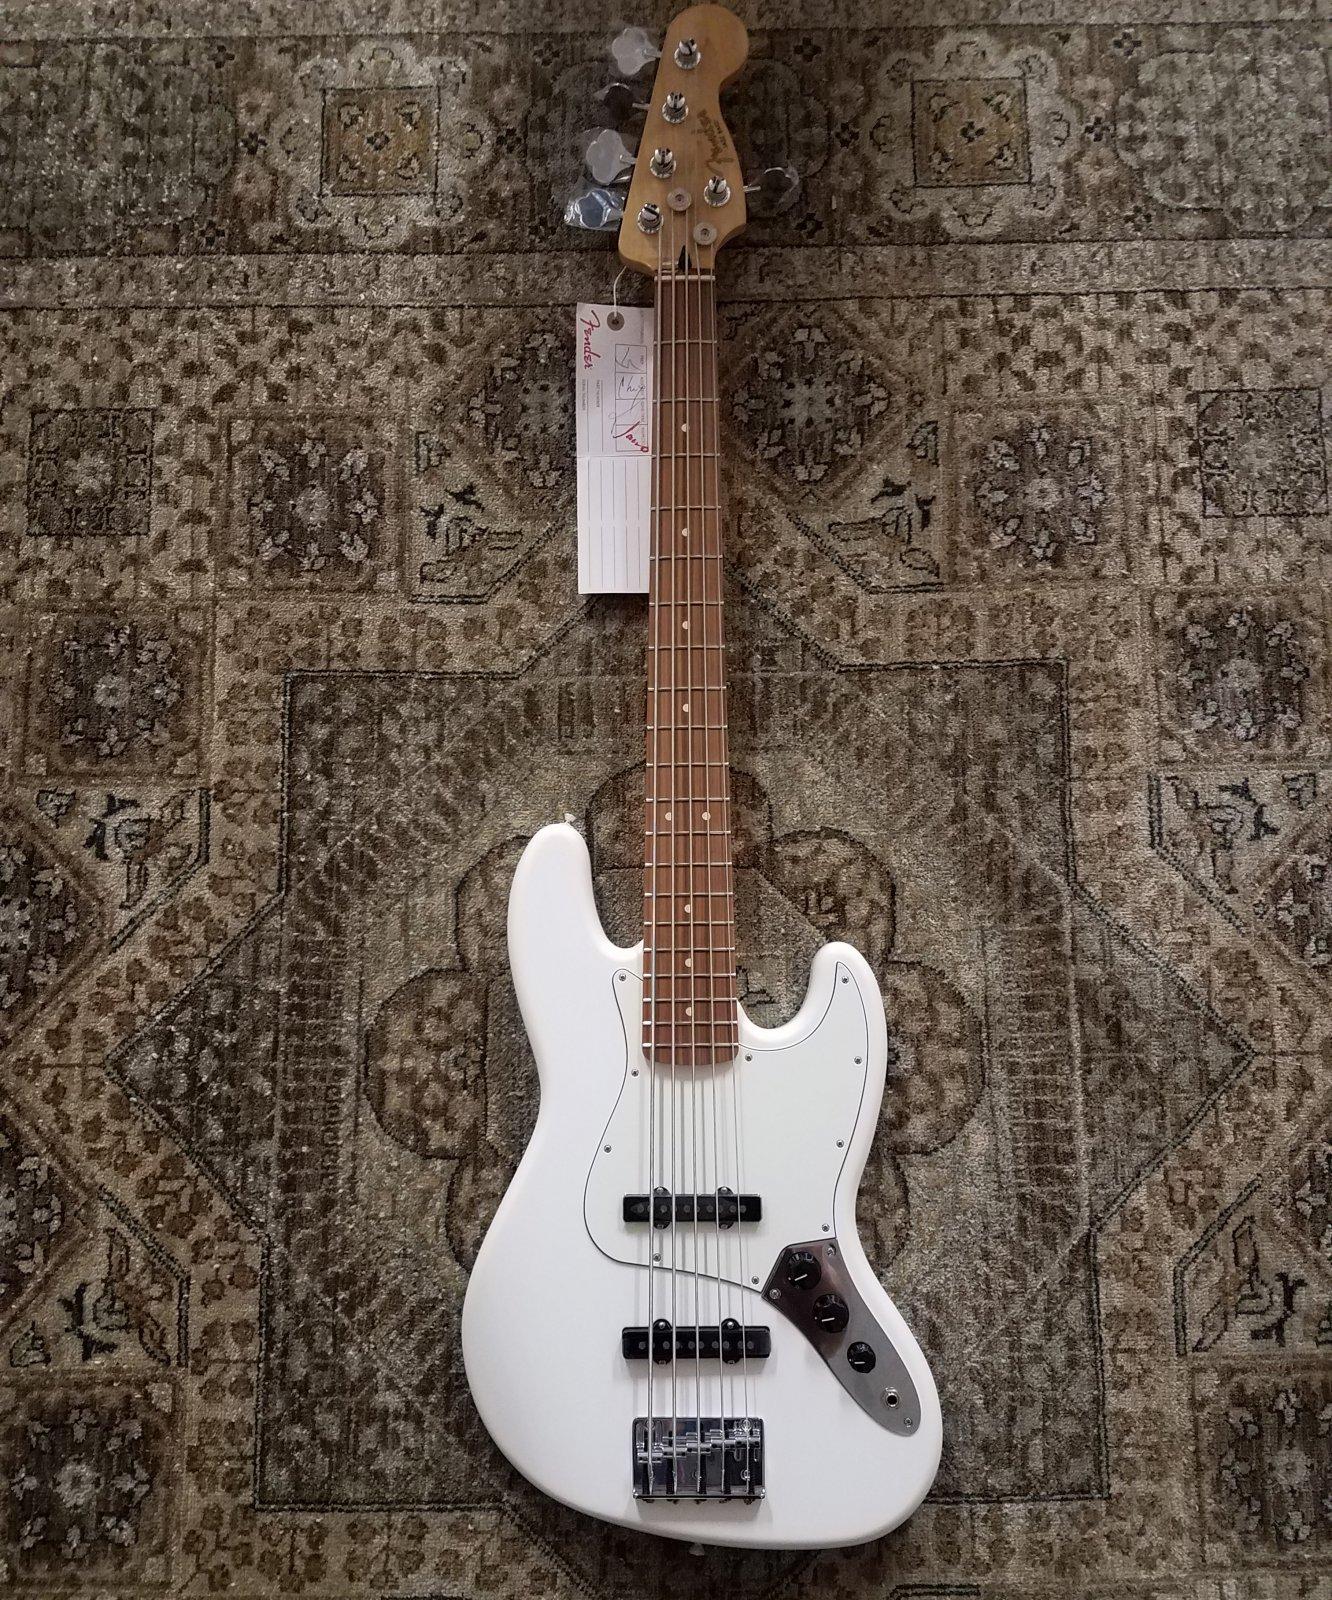 Fender Player Jazz Bass V in Polar White w/ Free Pro Setup #3784